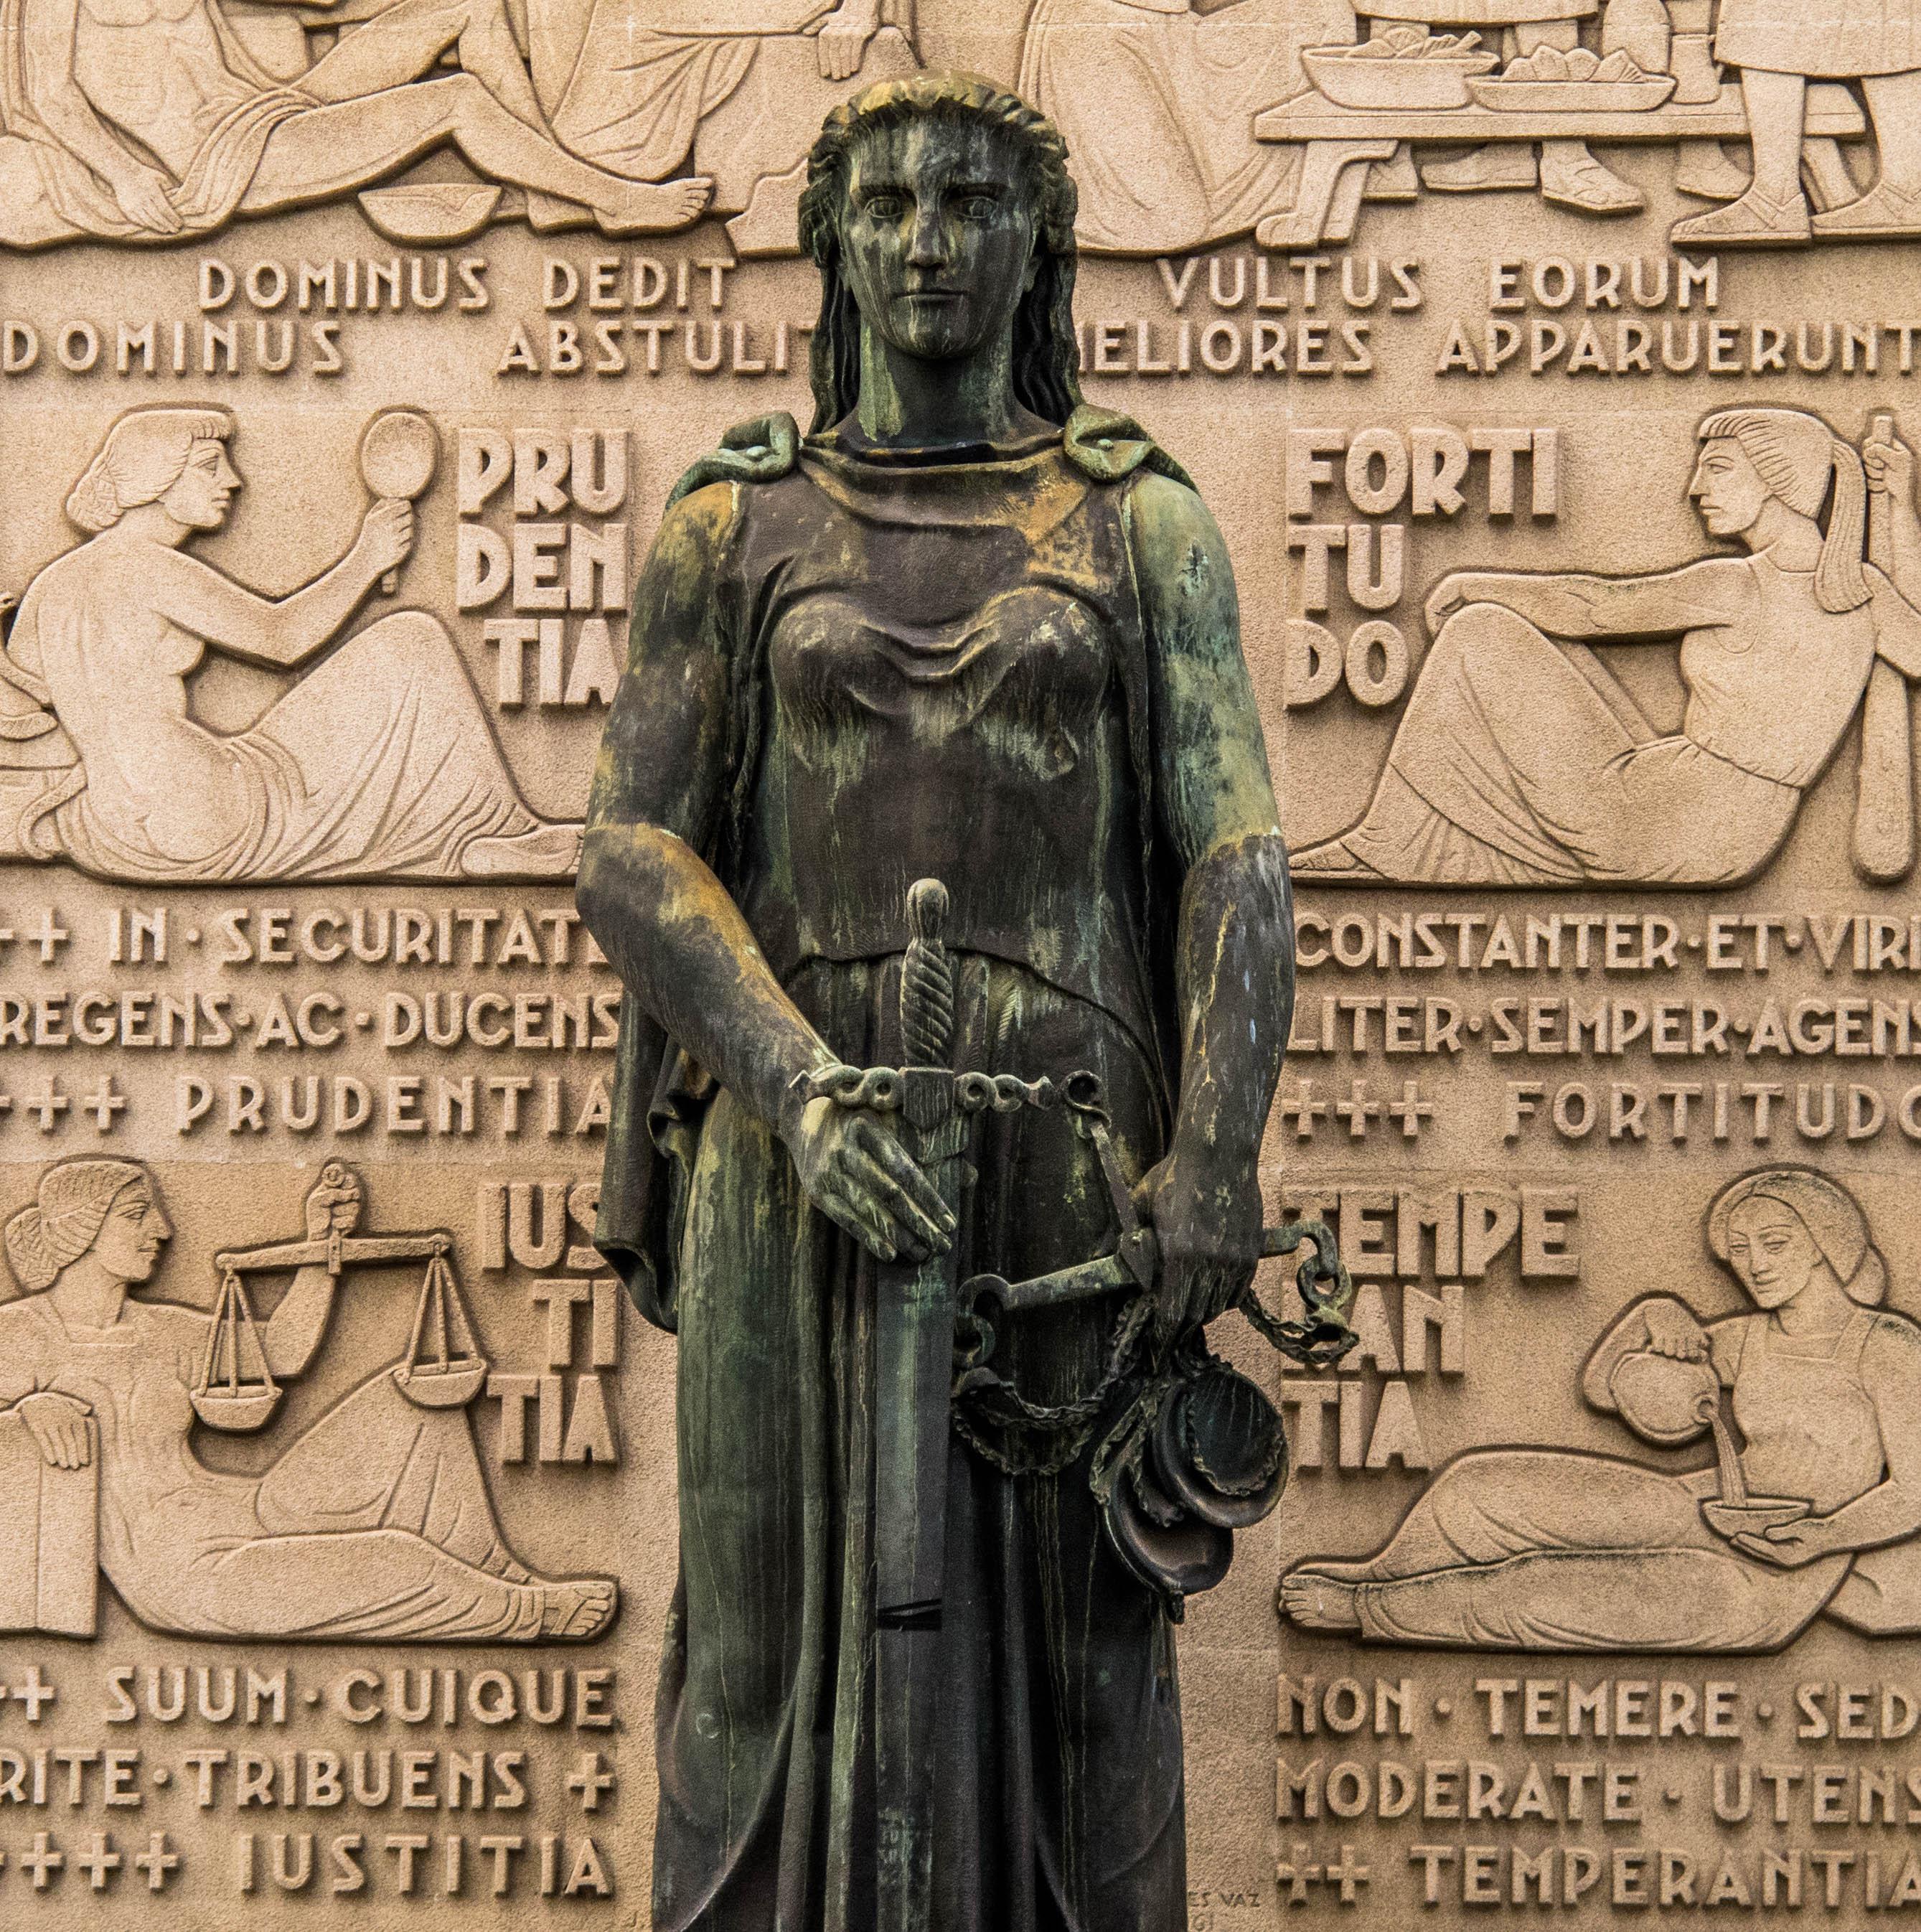 A Justiça ladeada pelo baixo relevo de Euclides Vaz